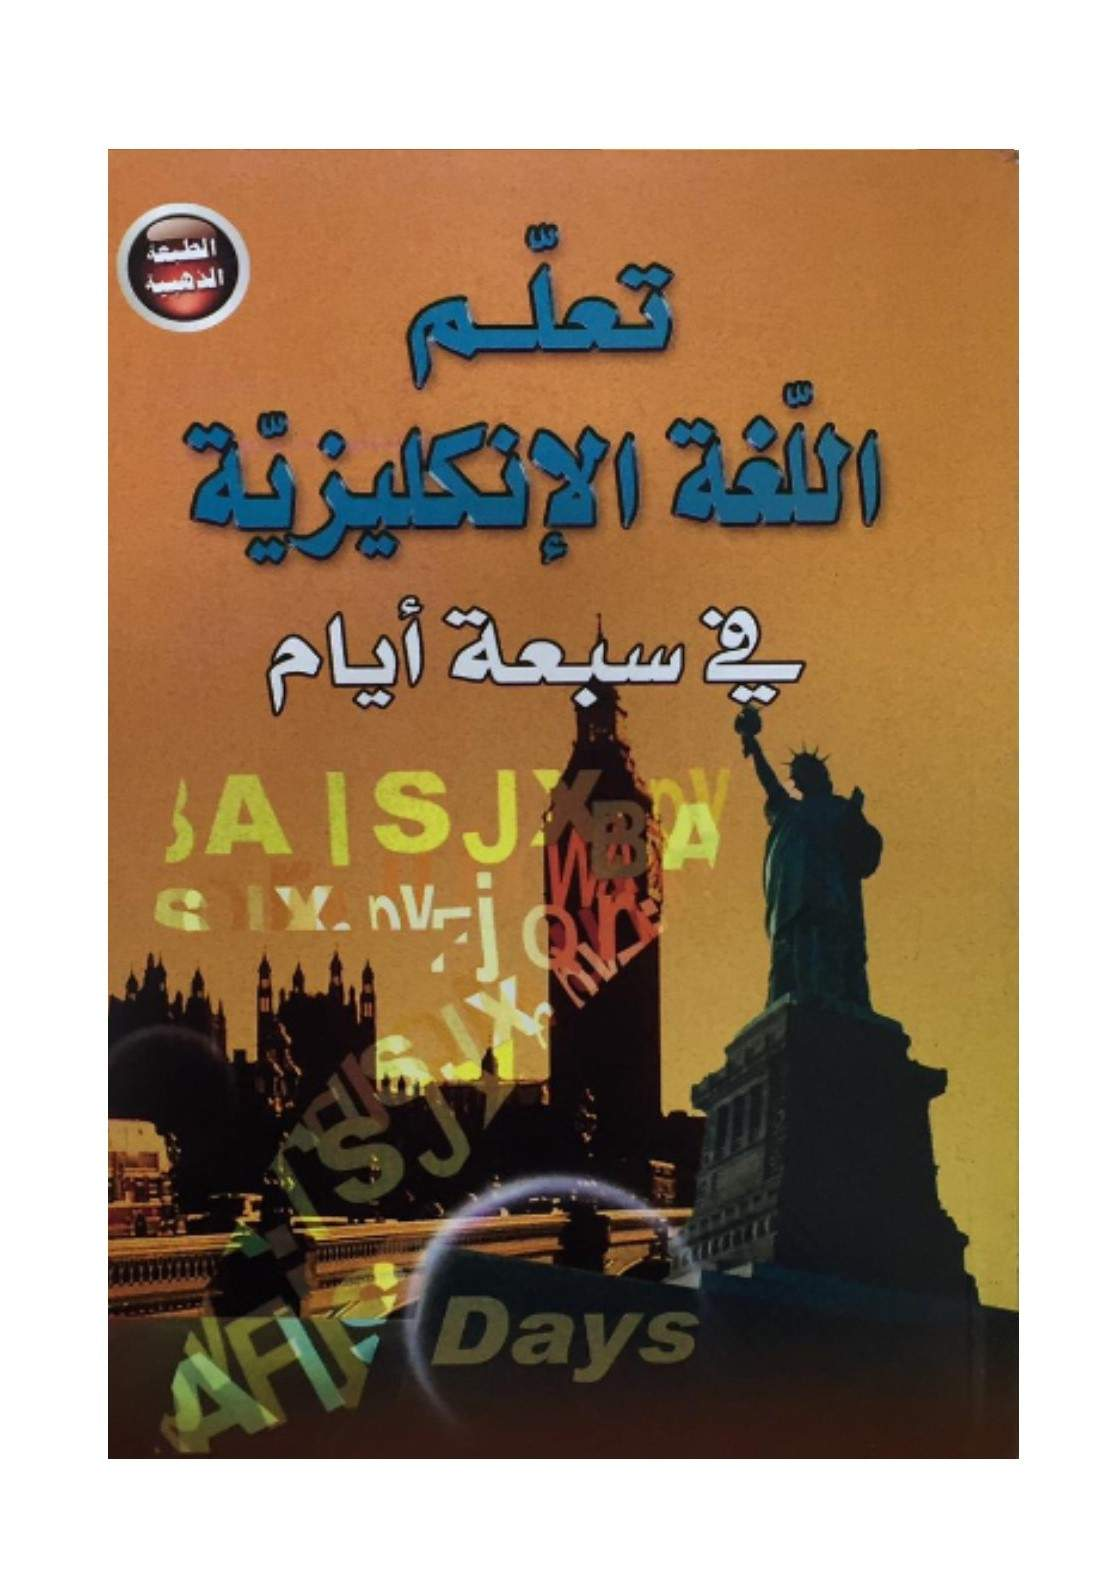 تعلم اللغة الانكليزية في سبعة ايام